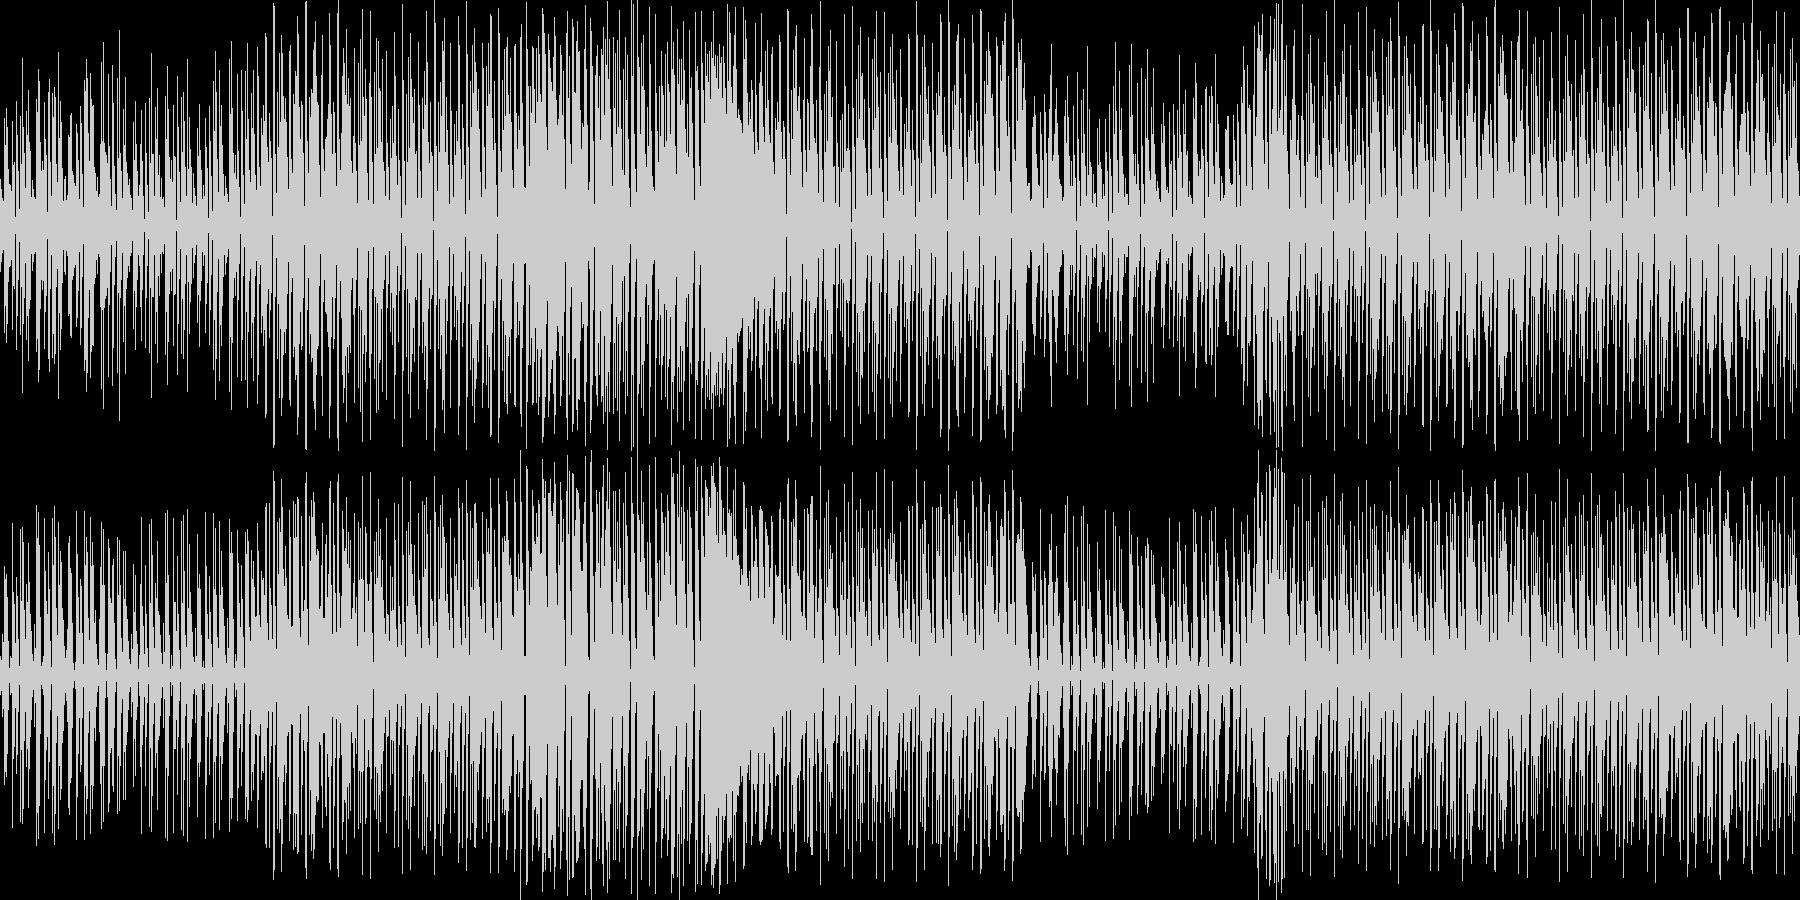 【キラキラでかわいいダンスミュージック】の未再生の波形